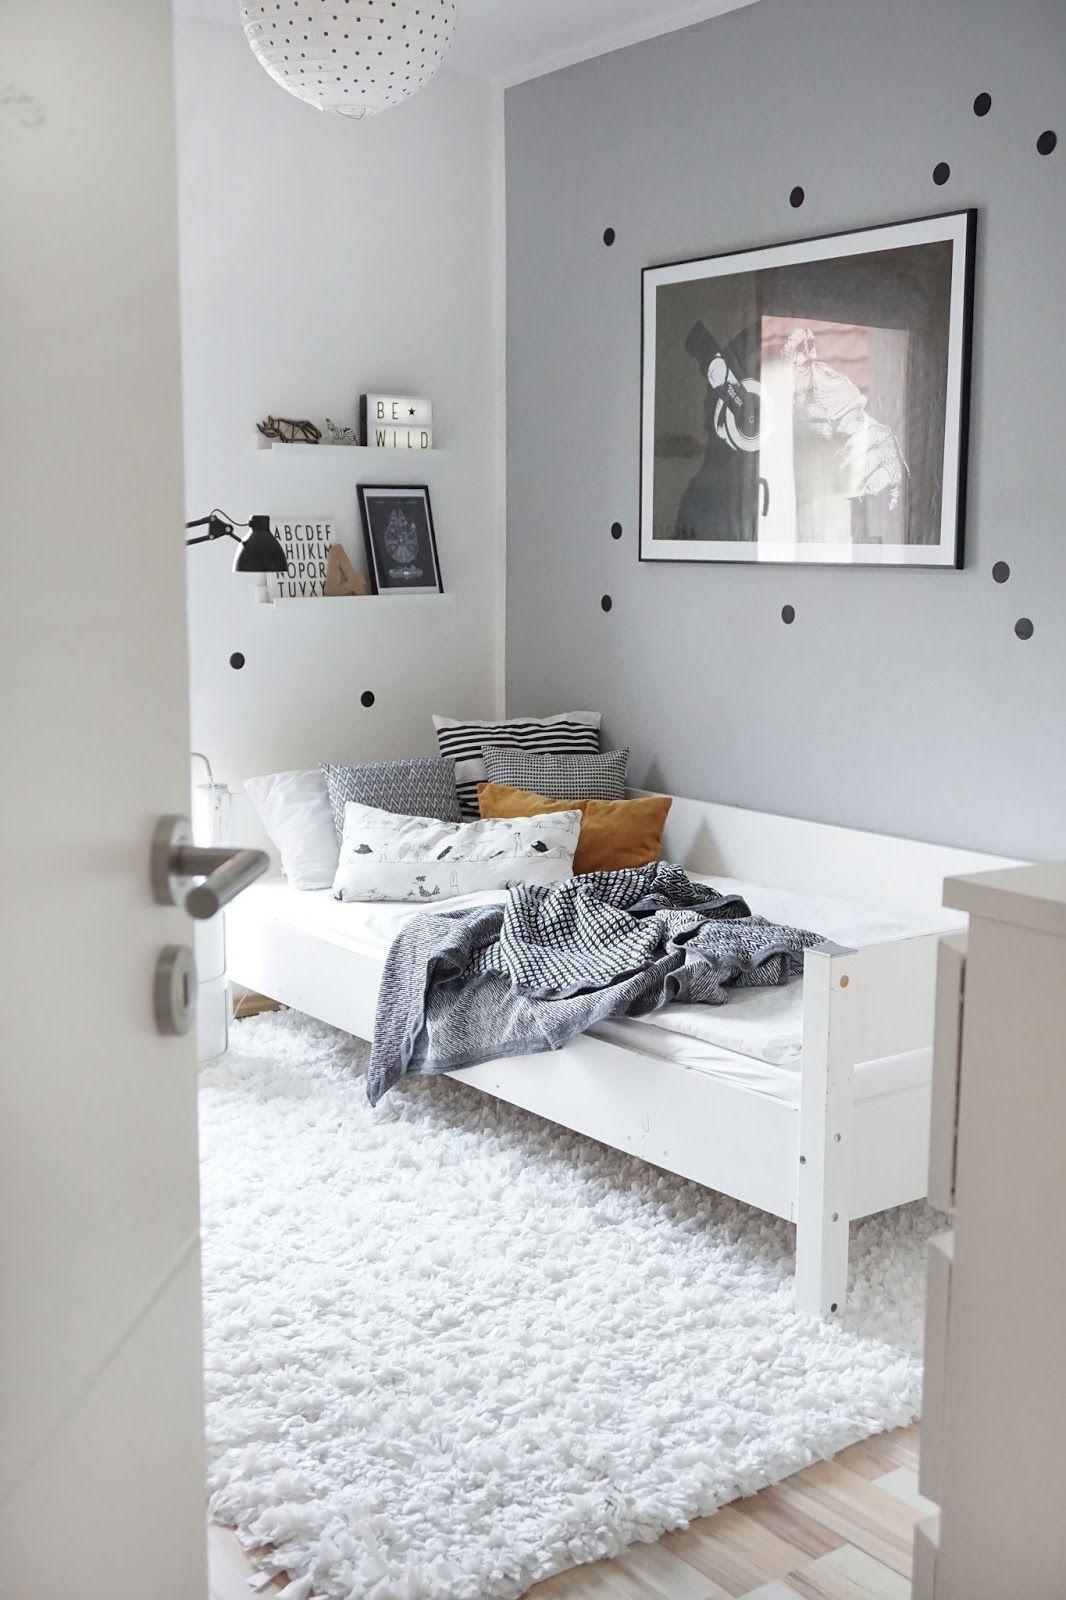 Kinderzimmer-Makeover mit Esprit home